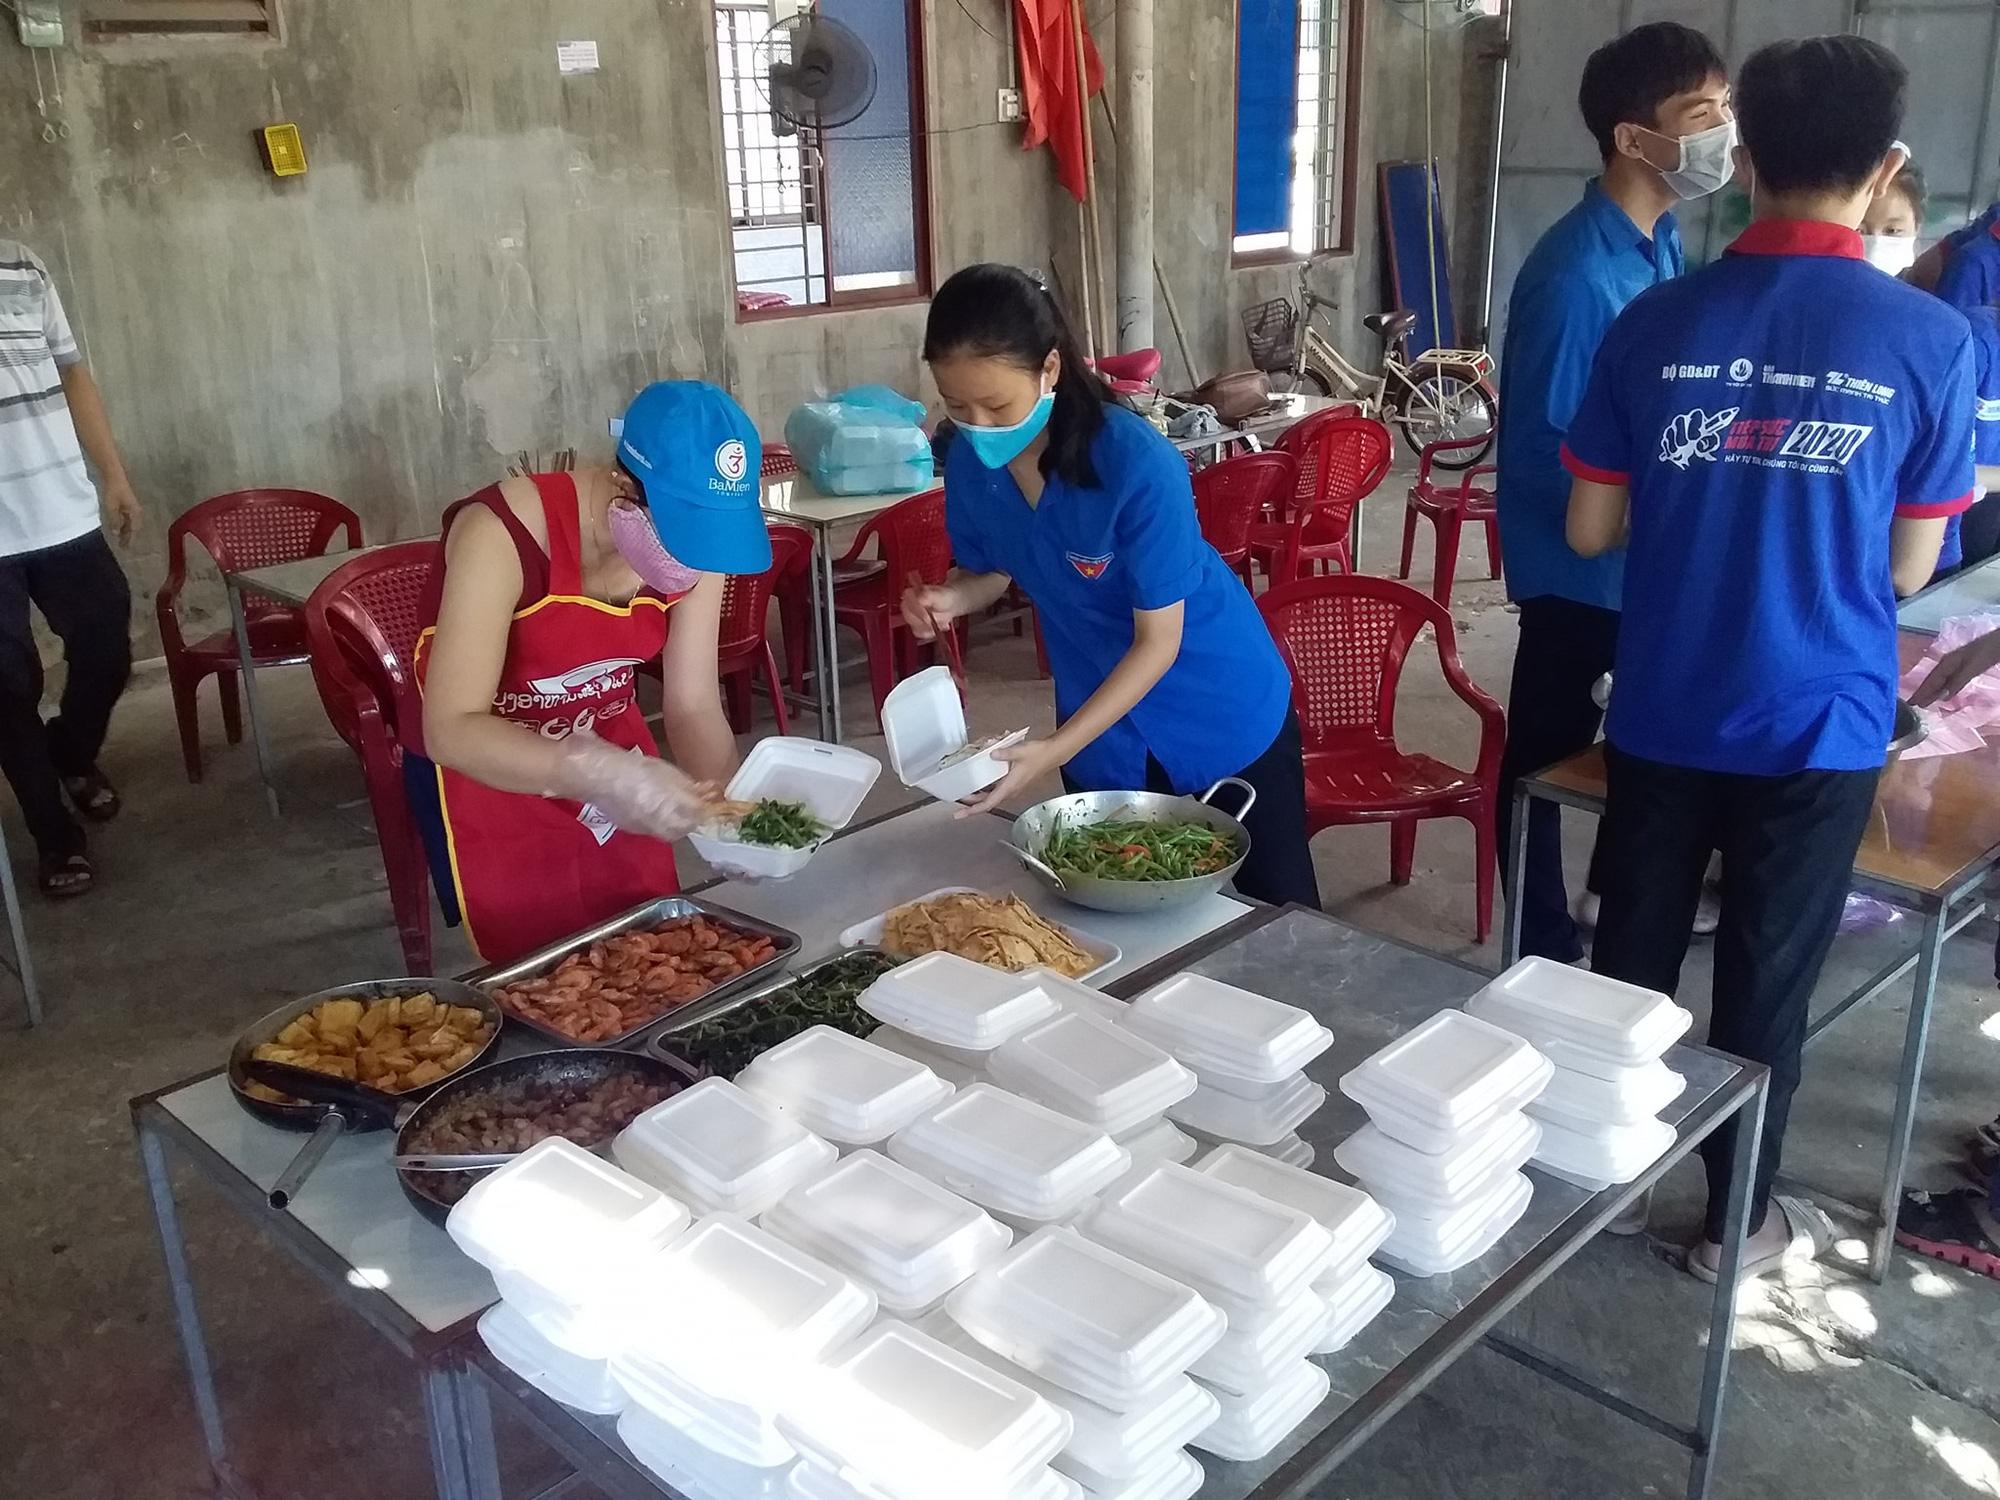 Quảng Trị: Đoàn viên nấu cơm cho sĩ tử xa nhà vì quán cơm đồng loạt đóng cửa - Ảnh 3.